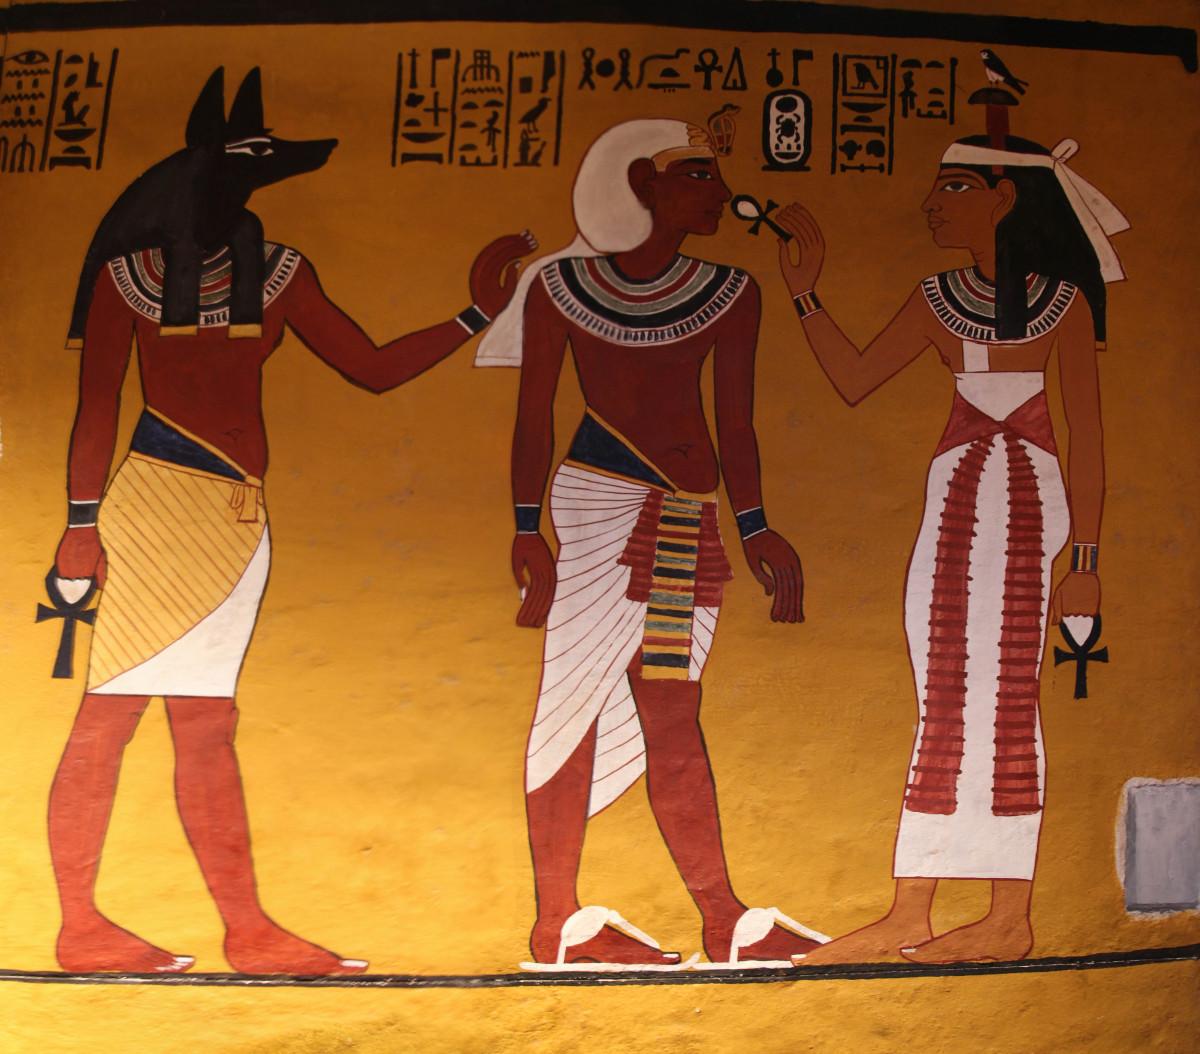 горле картинки жизнь фараона в древнем египте нас страничке